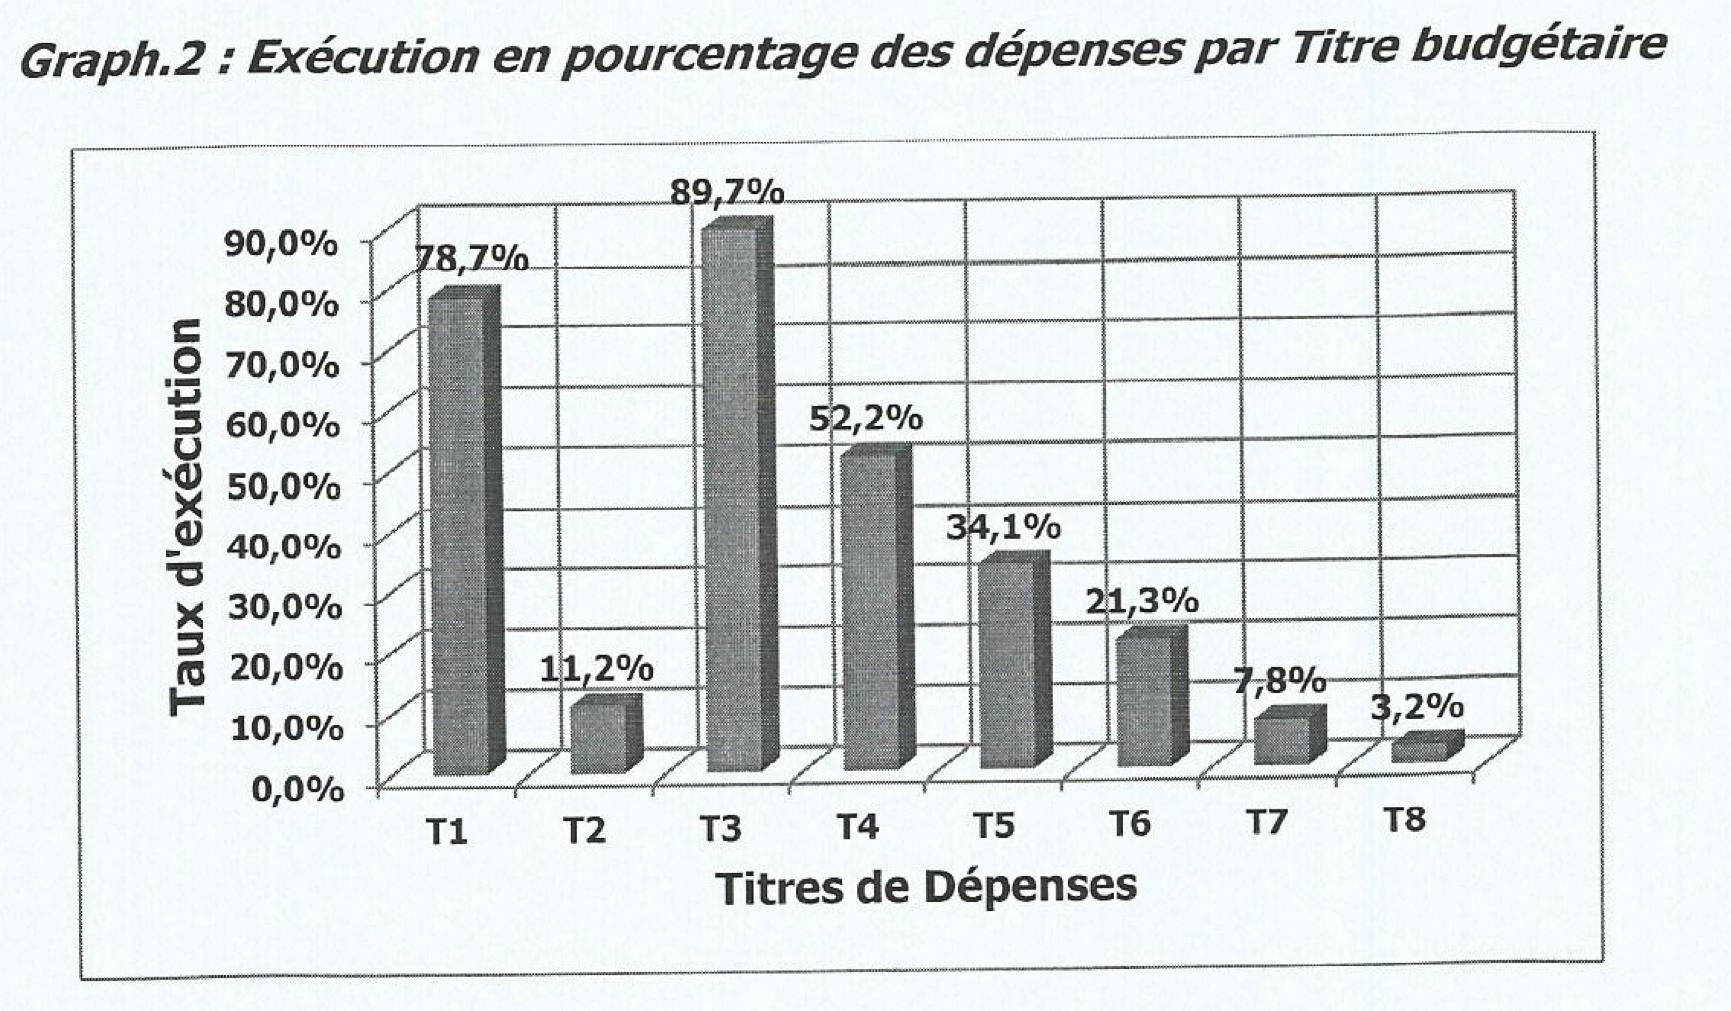 RDC : les dépenses du personnel de l'Etat exécutées à 89,7% par rapport aux prévisions linéaires à fin août 2020 1